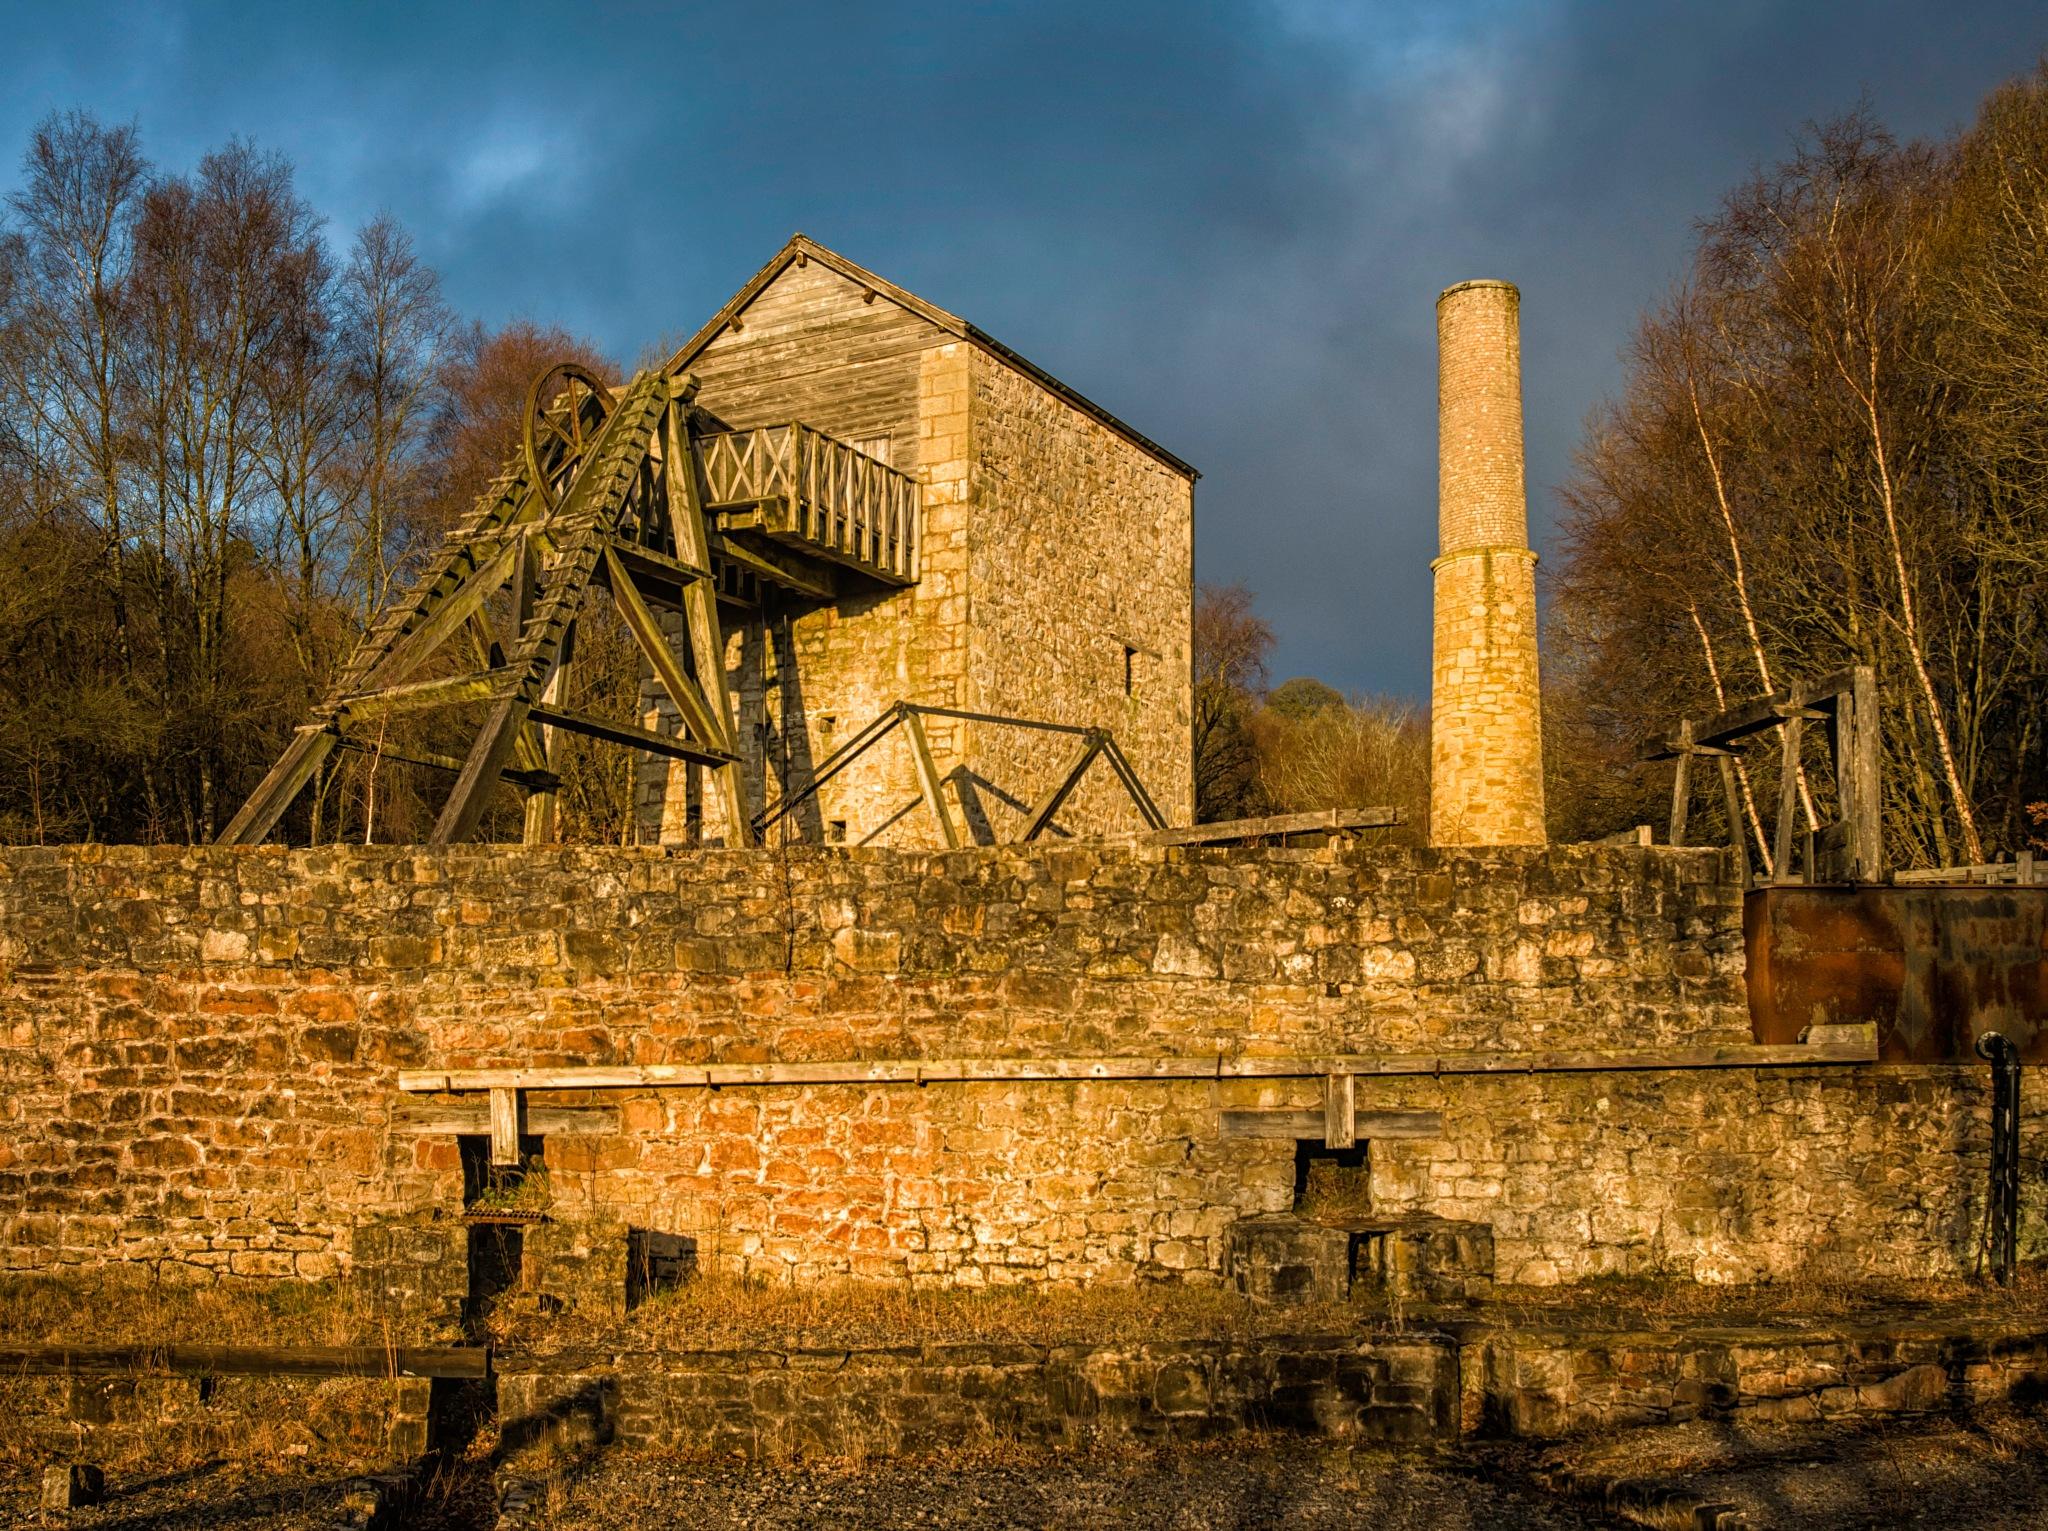 Nantwich Mill by DaveJones